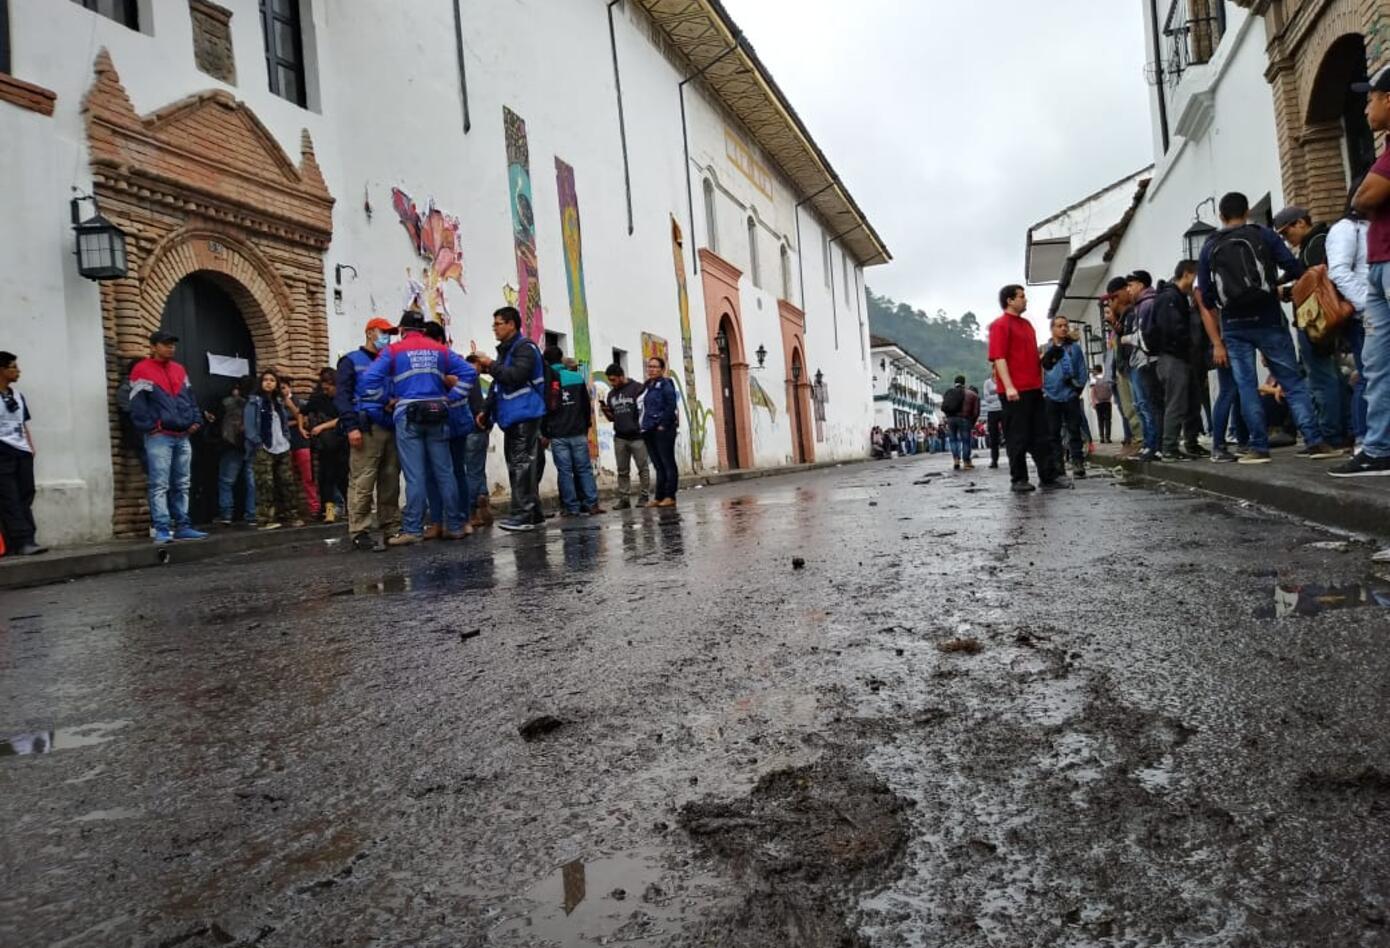 Durante operativos de desalojo de una vía en Popayán, hubo choques